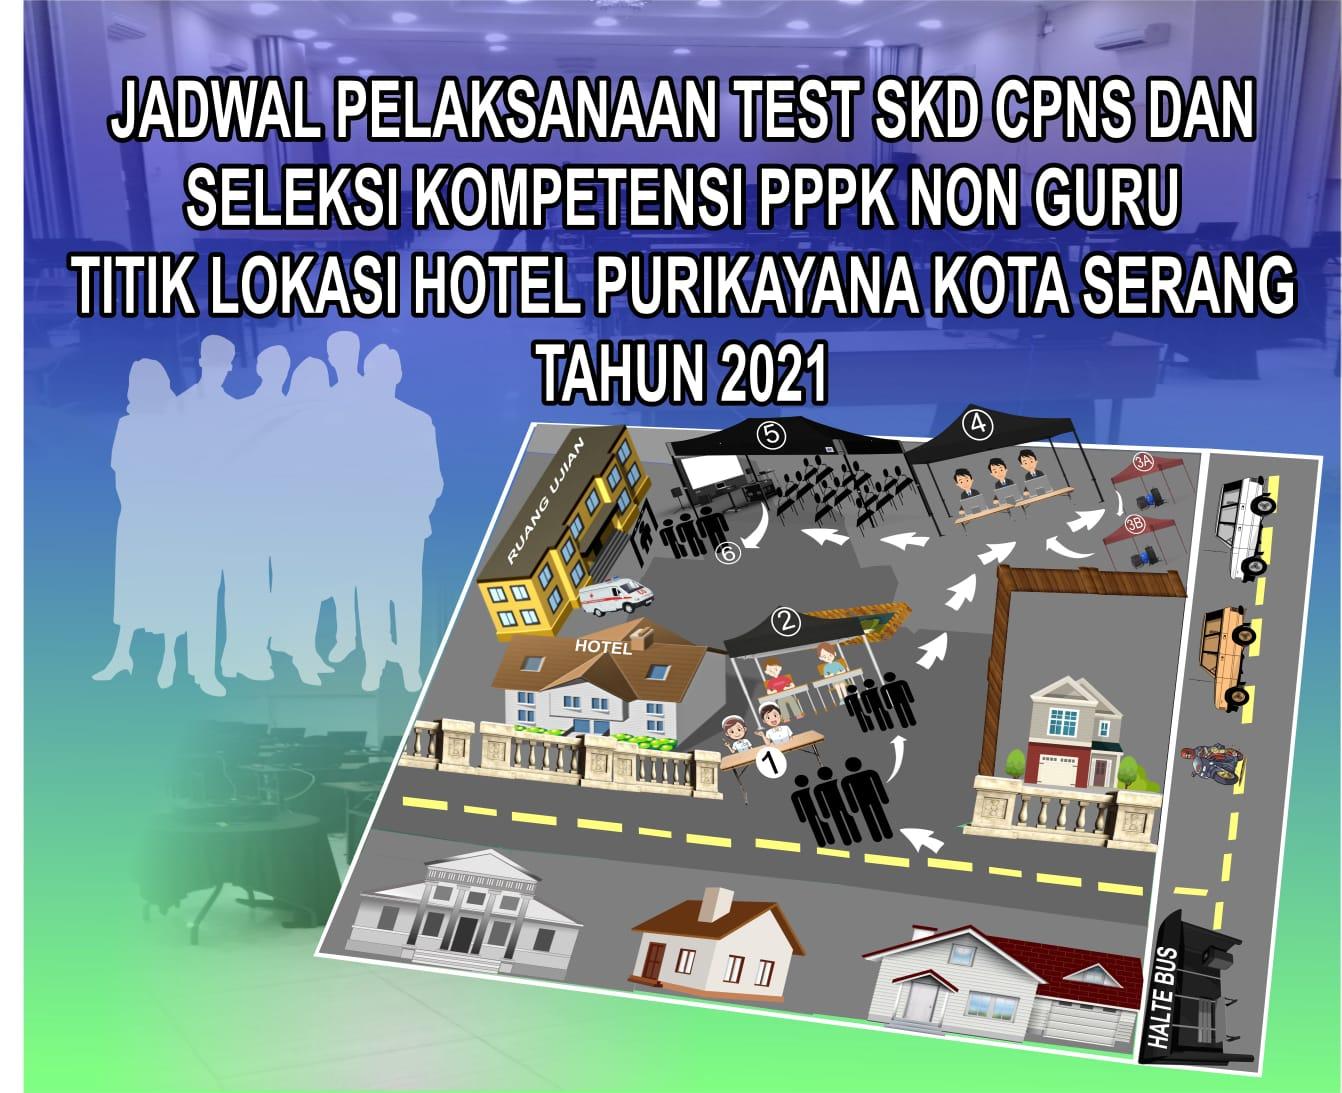 PENGUMUMAN JADWAL TEST SKD CASN DAN PPPK NON GURU TAHUN 2021 SUDAH KELUAR